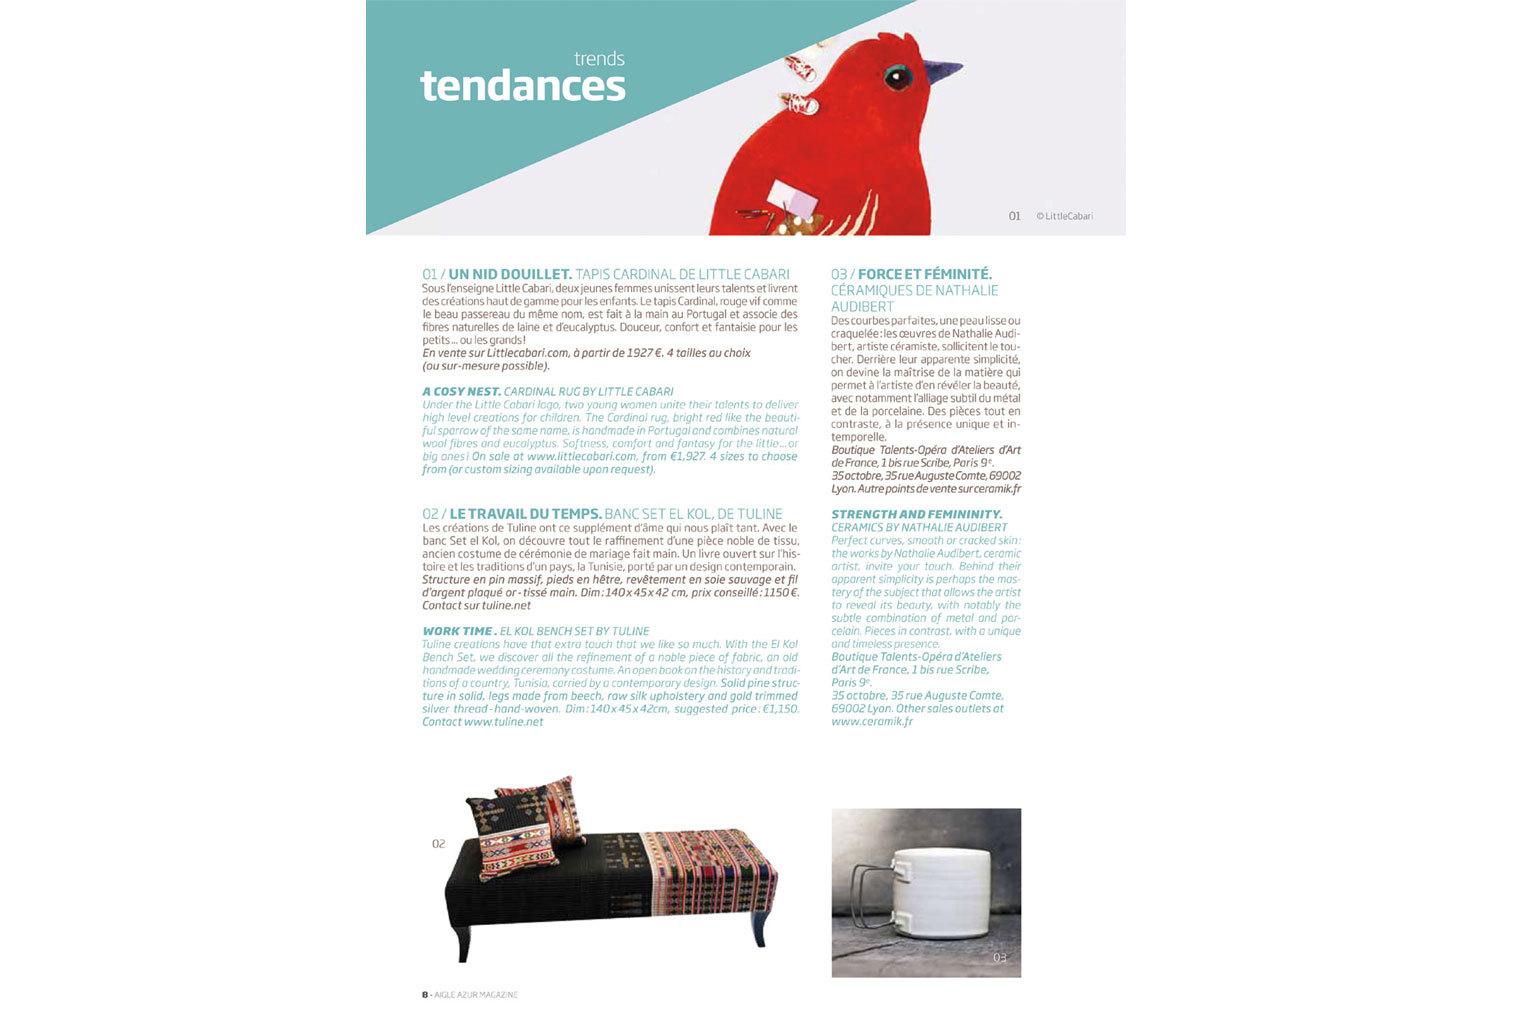 Aigle Azur Magazine a selectionné le tapis Cardinal